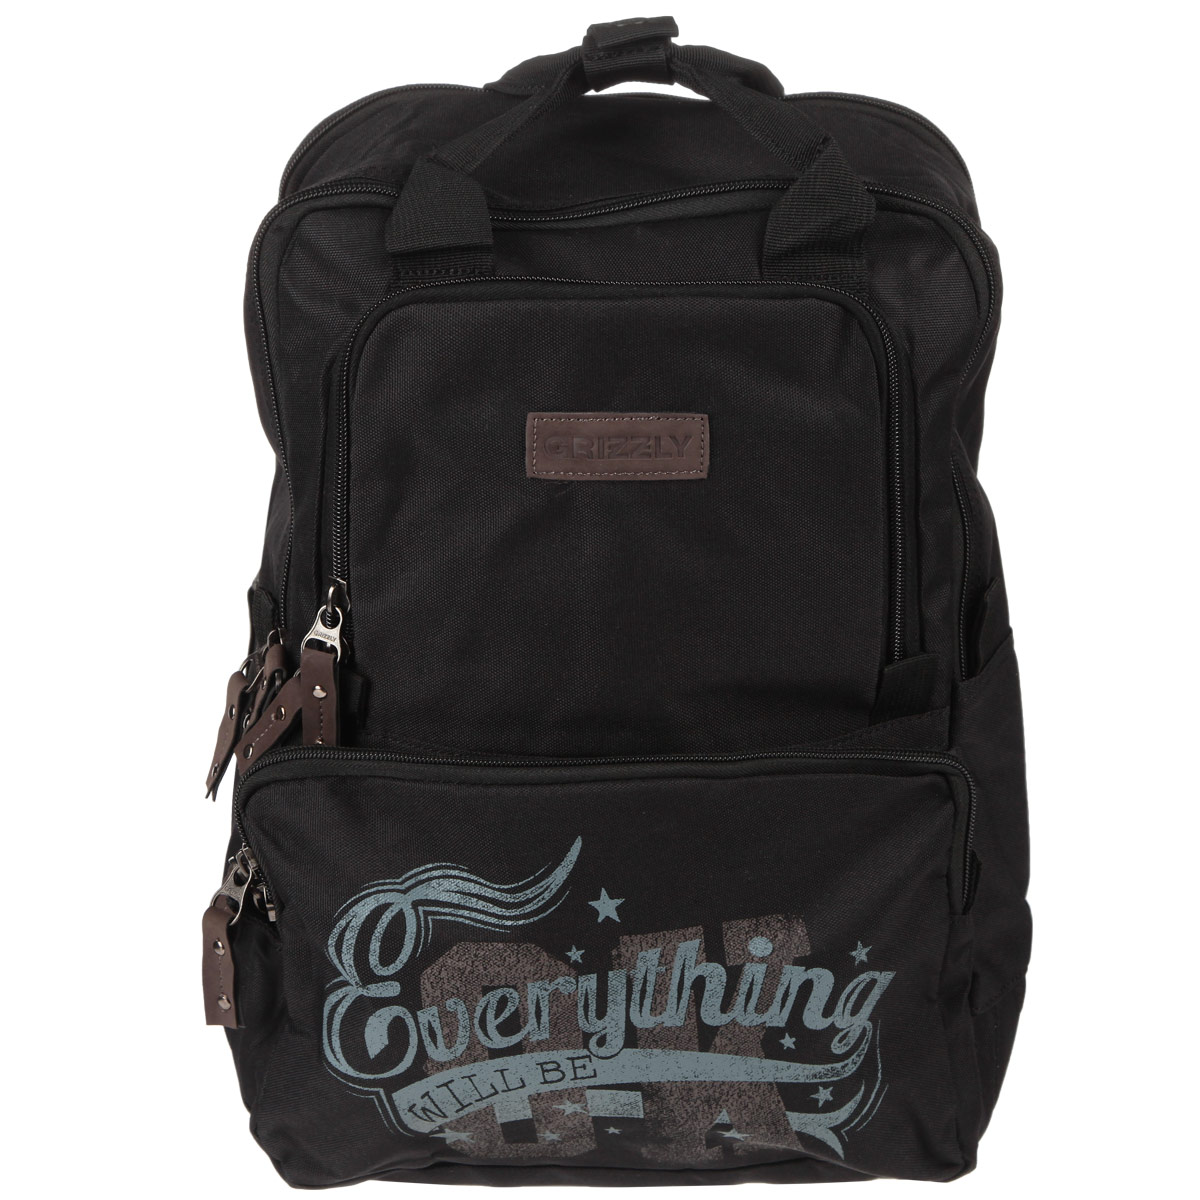 Школьный ранец Grizzly, цвет: салатовый, черный. RU-513-1/2730396Молодежный рюкзак с двумя отделениями,одно из которых под ноутбук,закрывающихся на молнию.На передней стенке два объемных кармана,в одном из которых имеется карман-органайзер.Рюкзак также имеет внутренний карман для документов,укрепленные дно,лямки и спинку,две ручки для переноски,скрепляемые кнопкой.